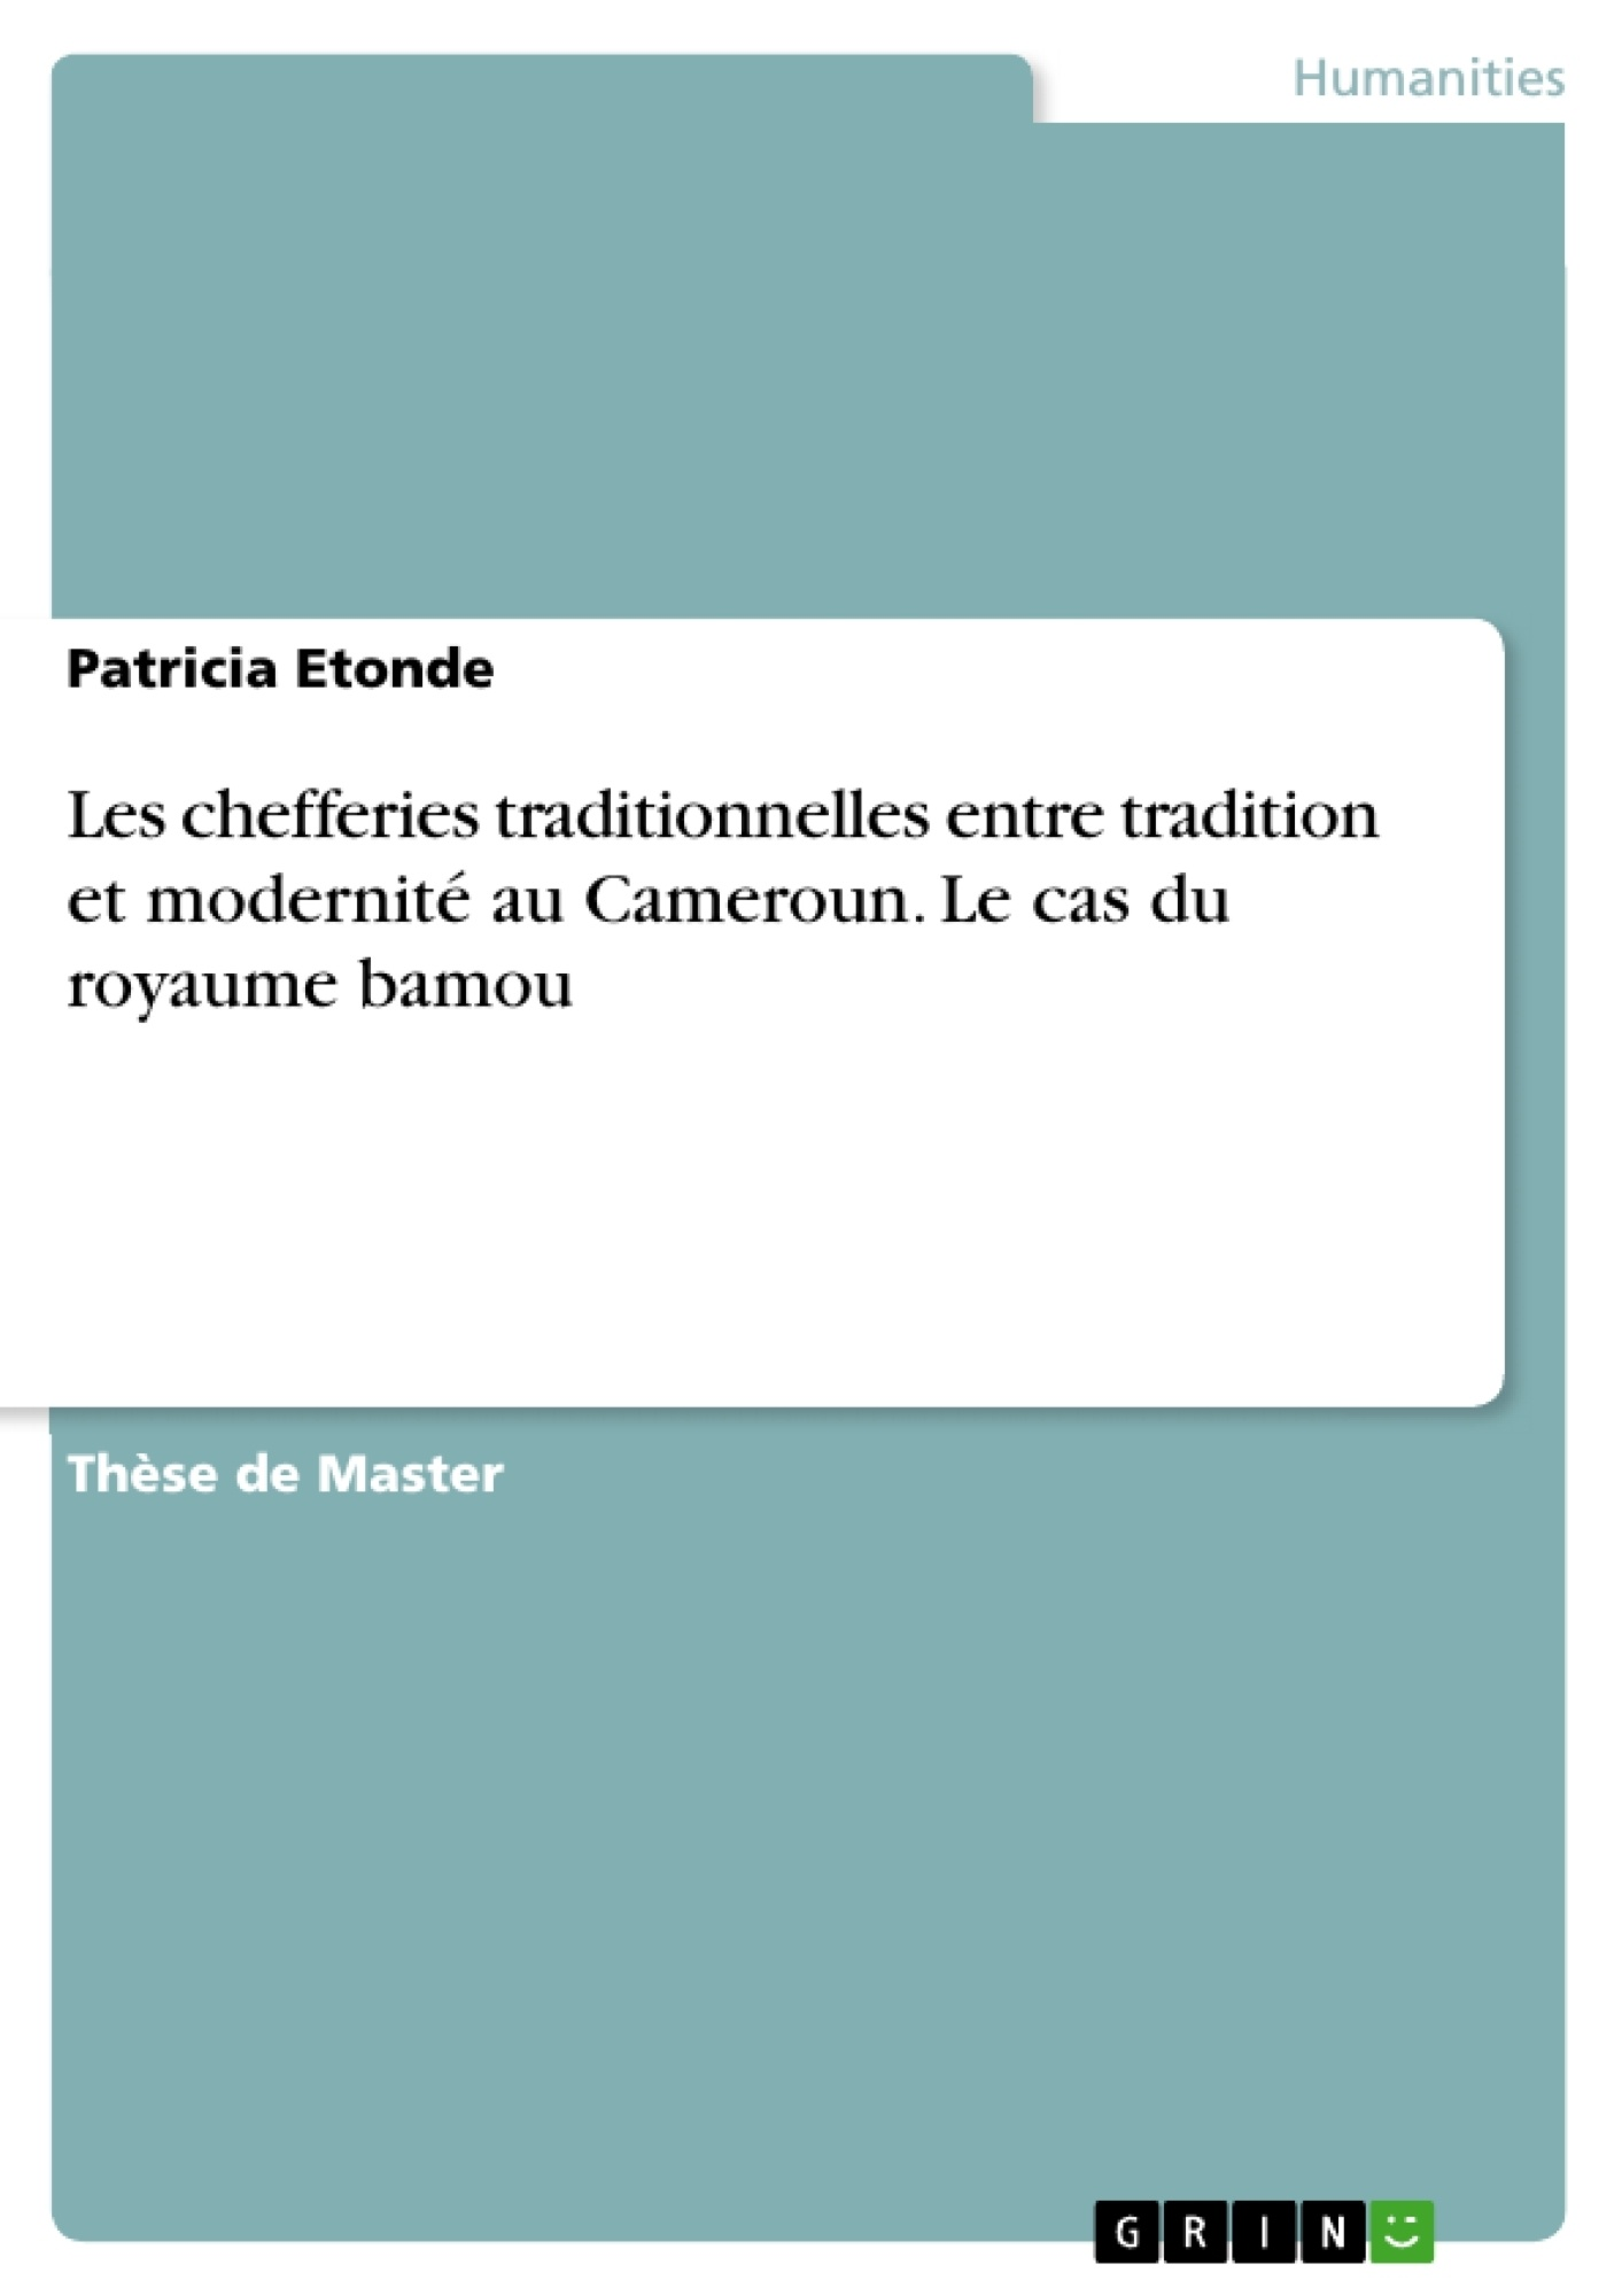 Titre: Les chefferies traditionnelles entre tradition et modernité au Cameroun. Le cas du royaume bamou